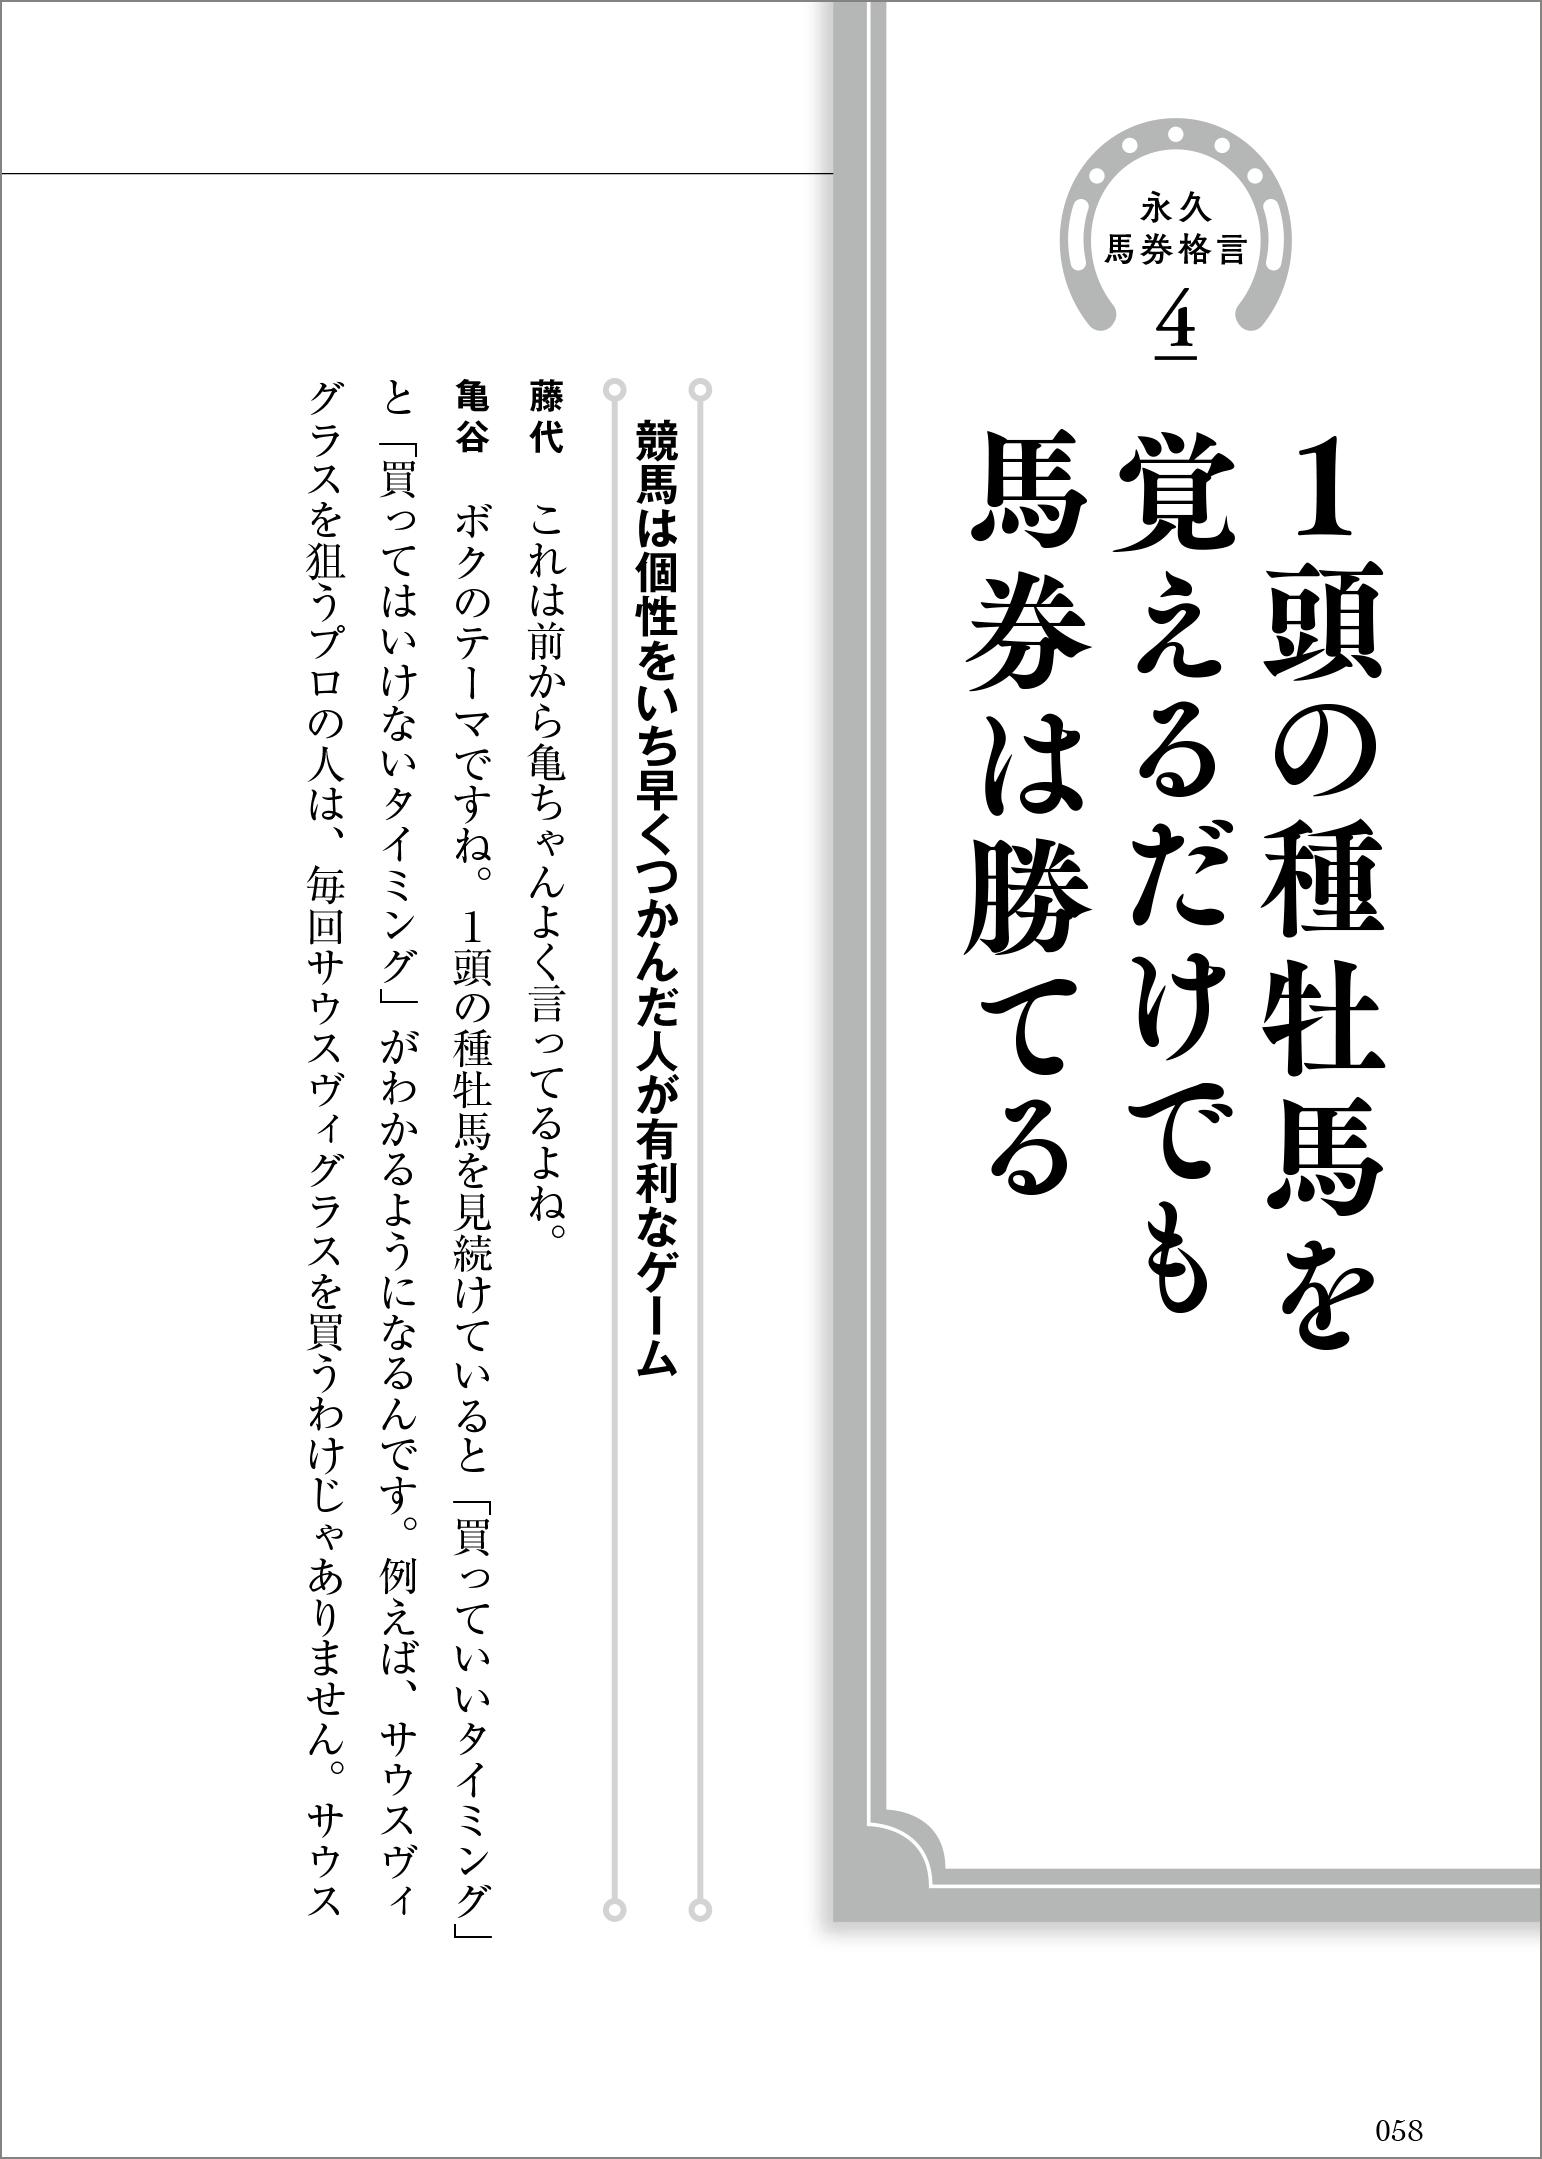 馬券格言_p.58